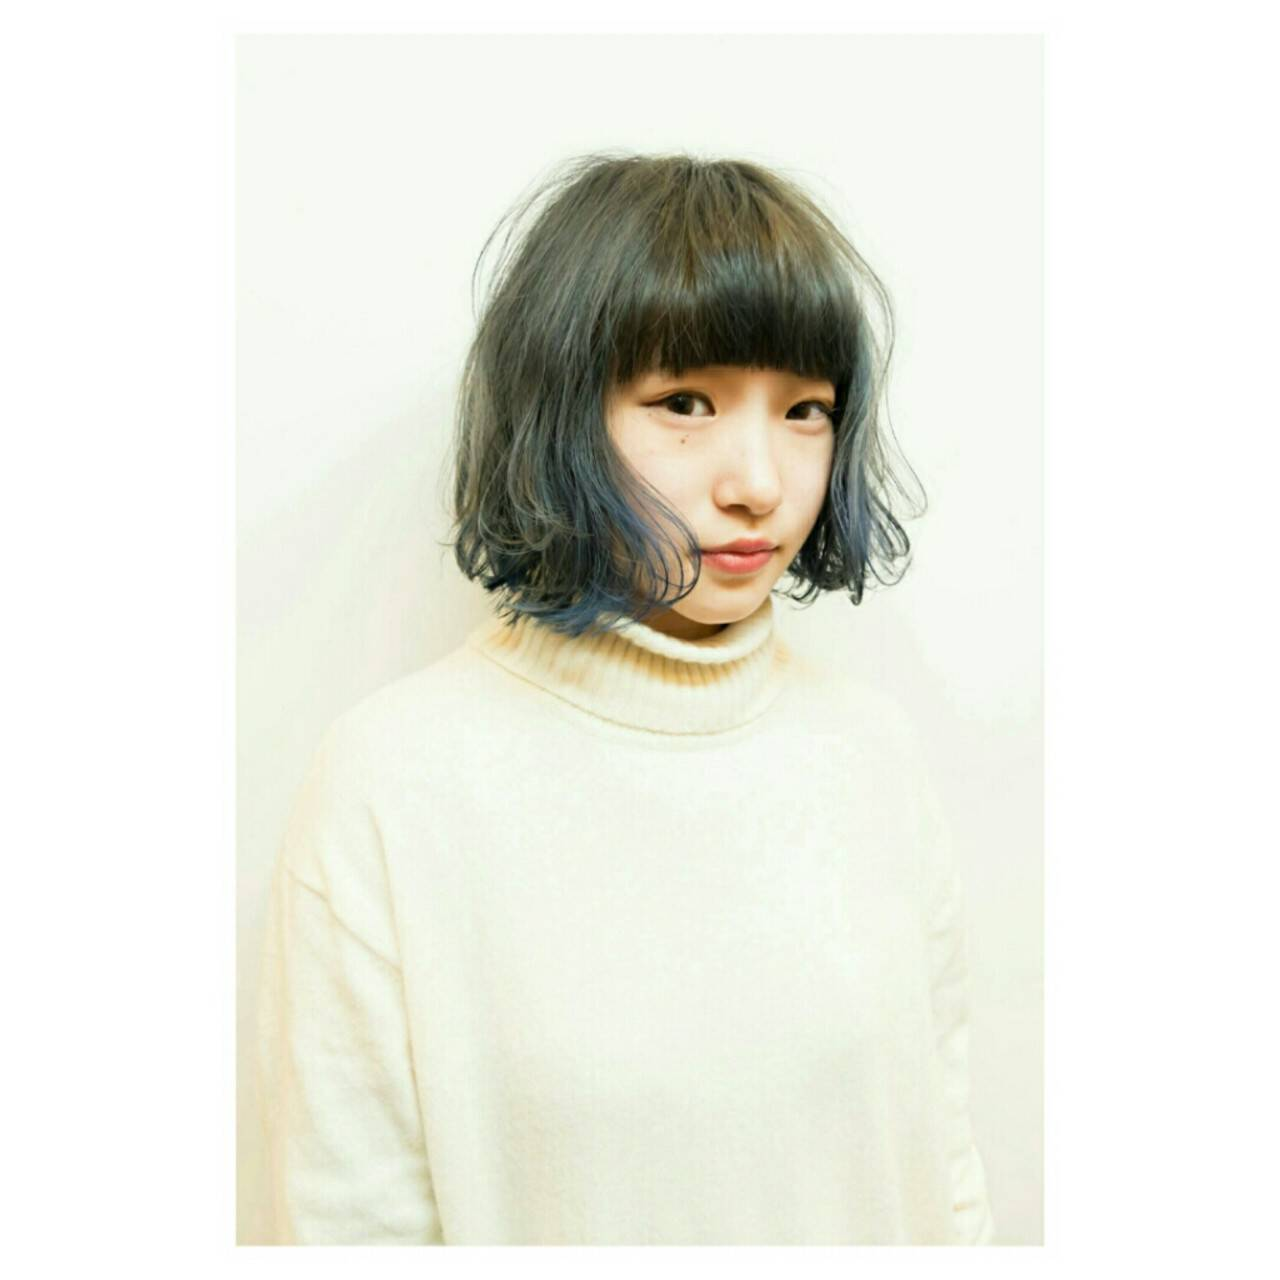 モード ブルージュ イルミナカラー ボブヘアスタイルや髪型の写真・画像